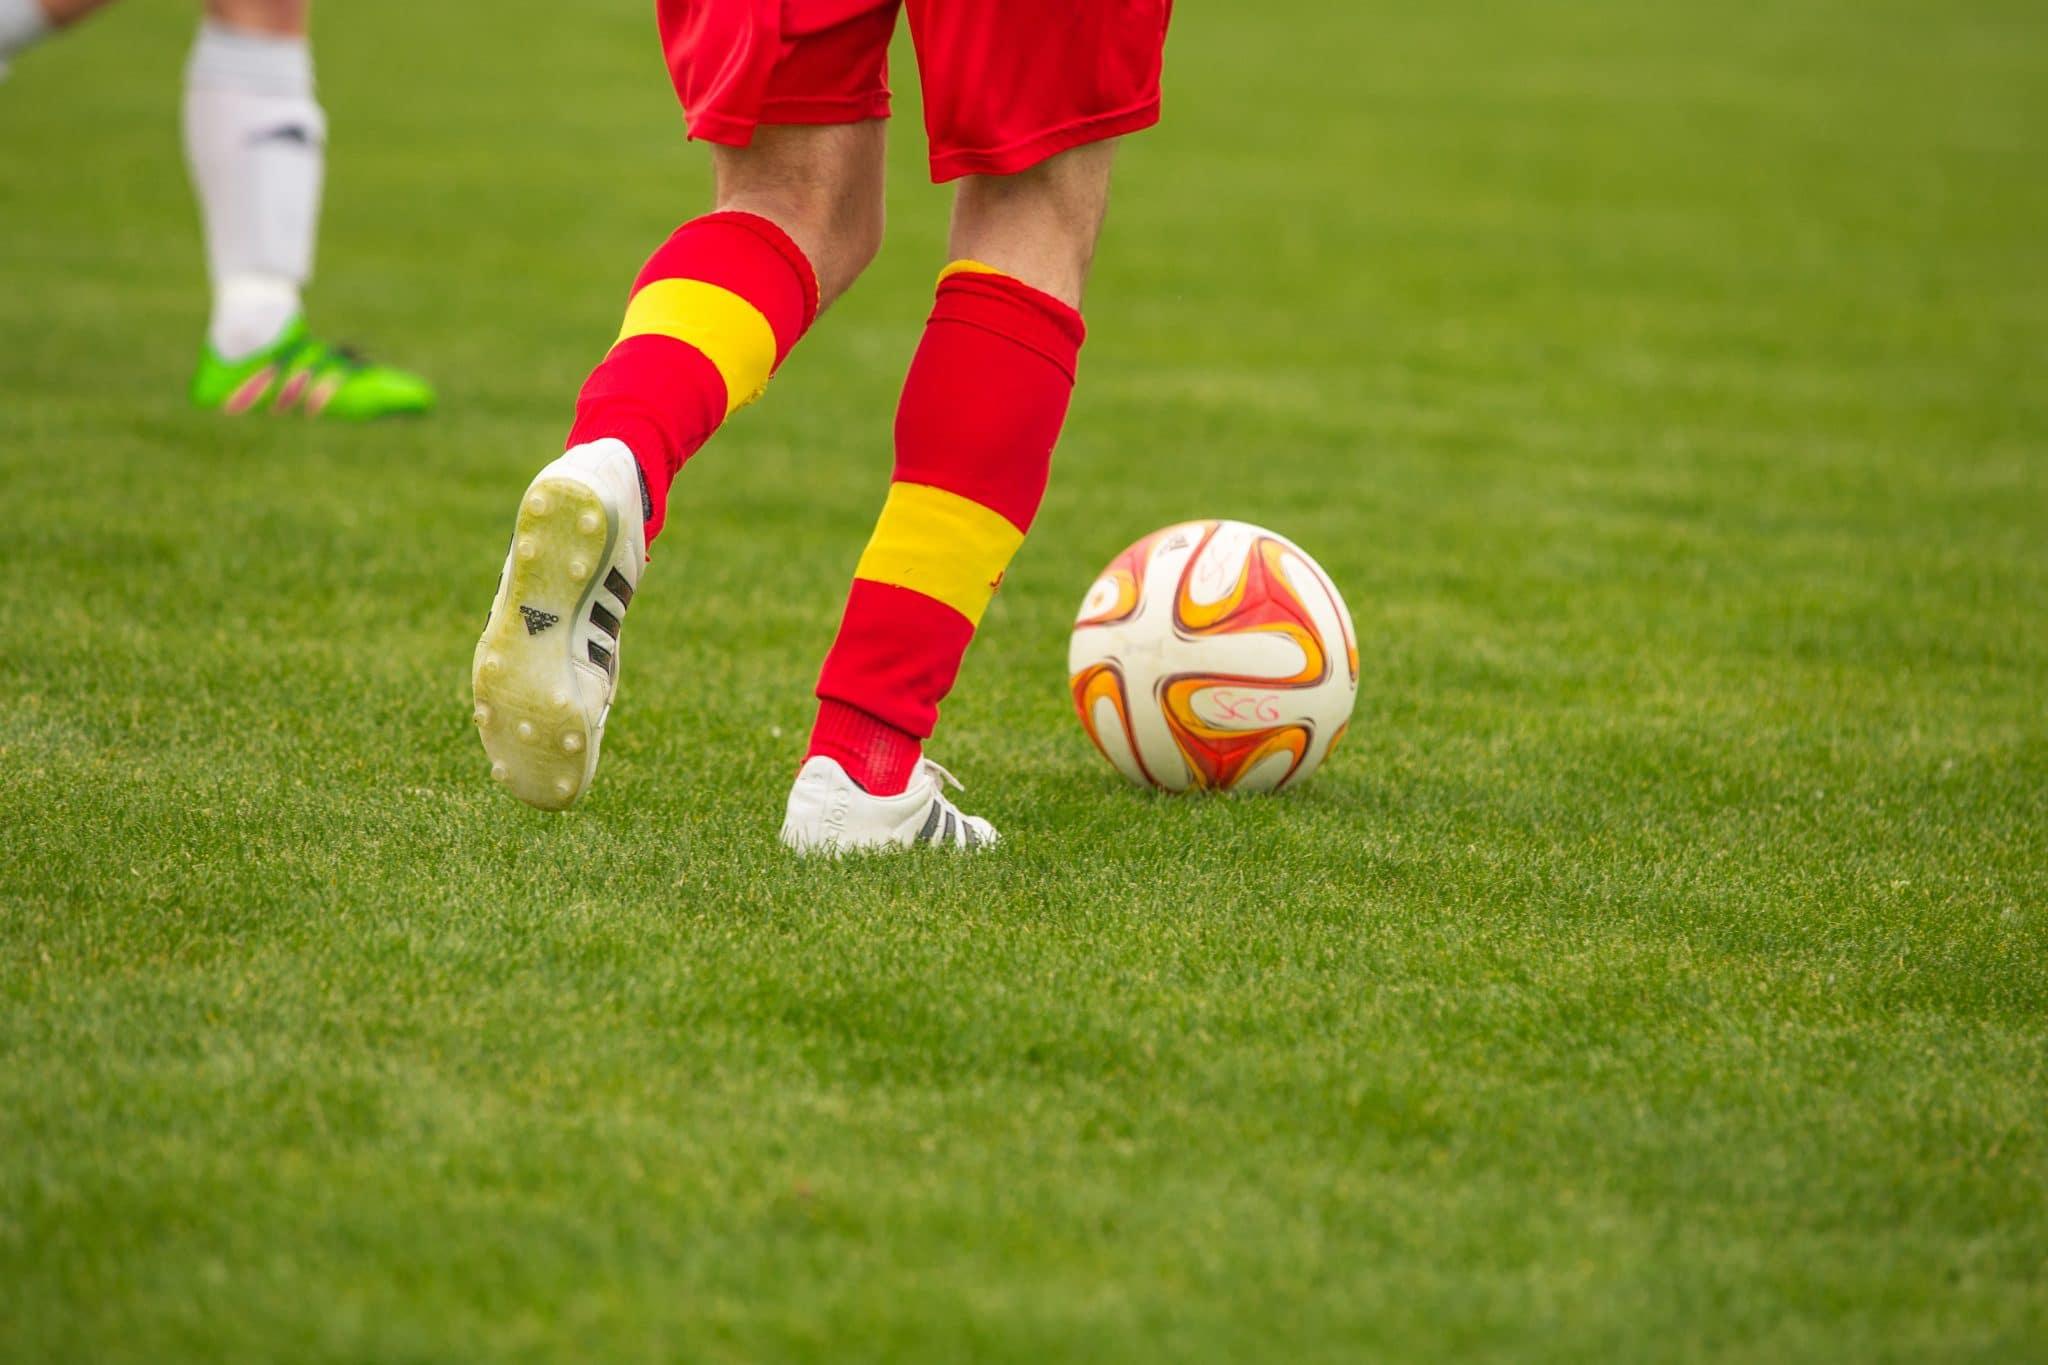 Co potřebuje dítě na fotbal? 1